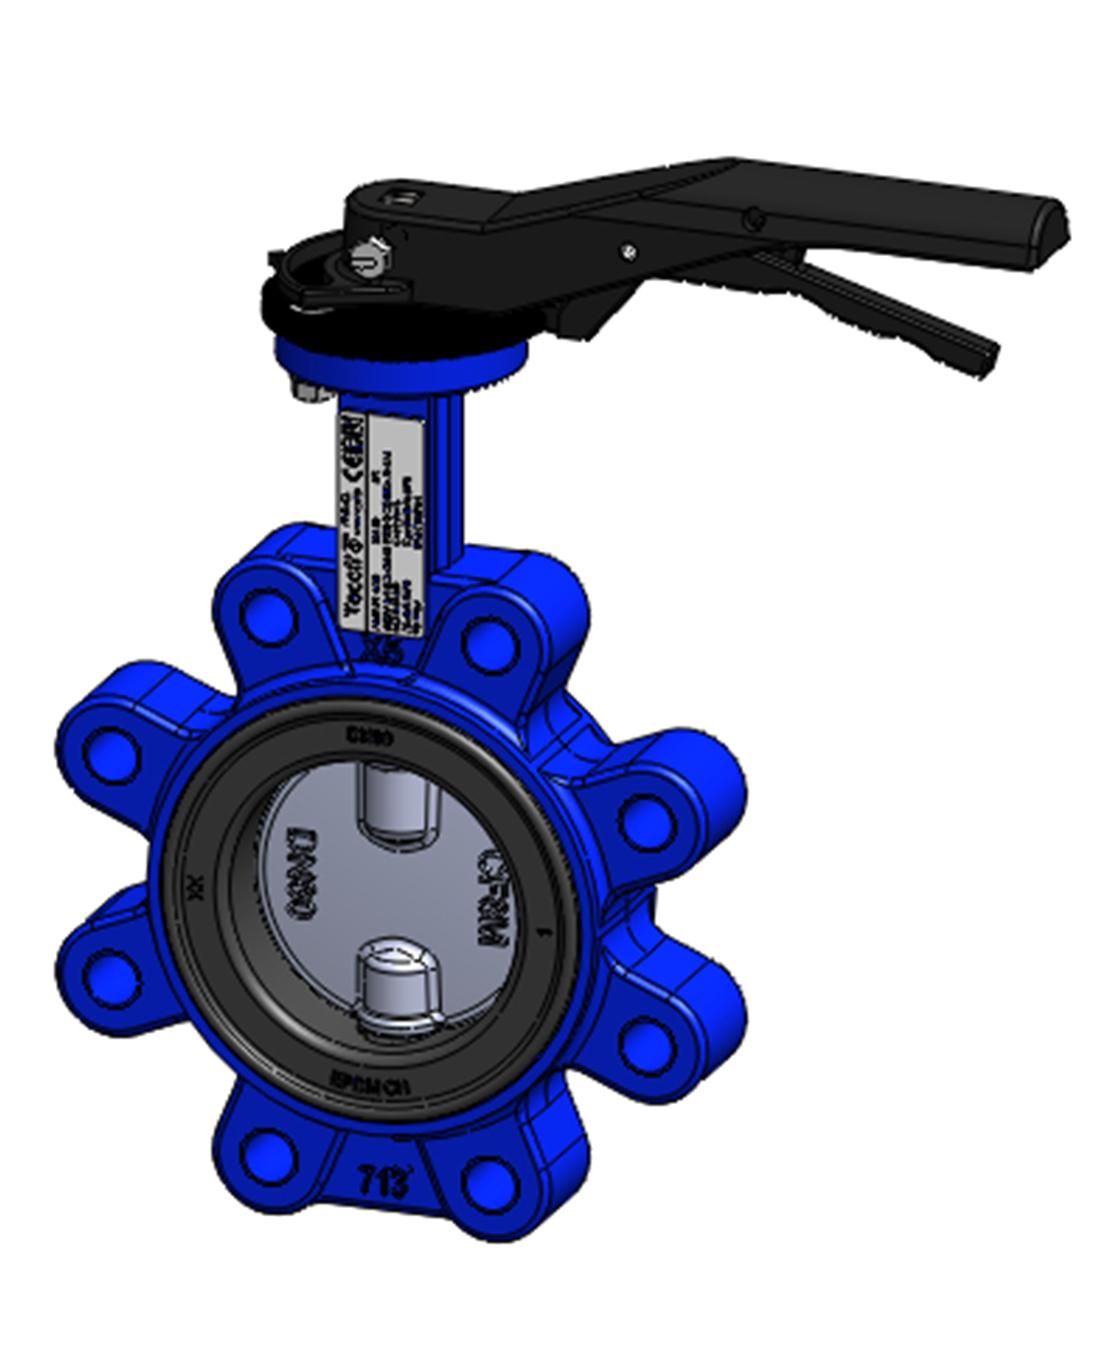 Межфланцевый дисковый поворотный затвор с резьбовыми проушинами PN16 – корпус ковкий чугун – диск из нержавеющей стали 316 – с ручкой